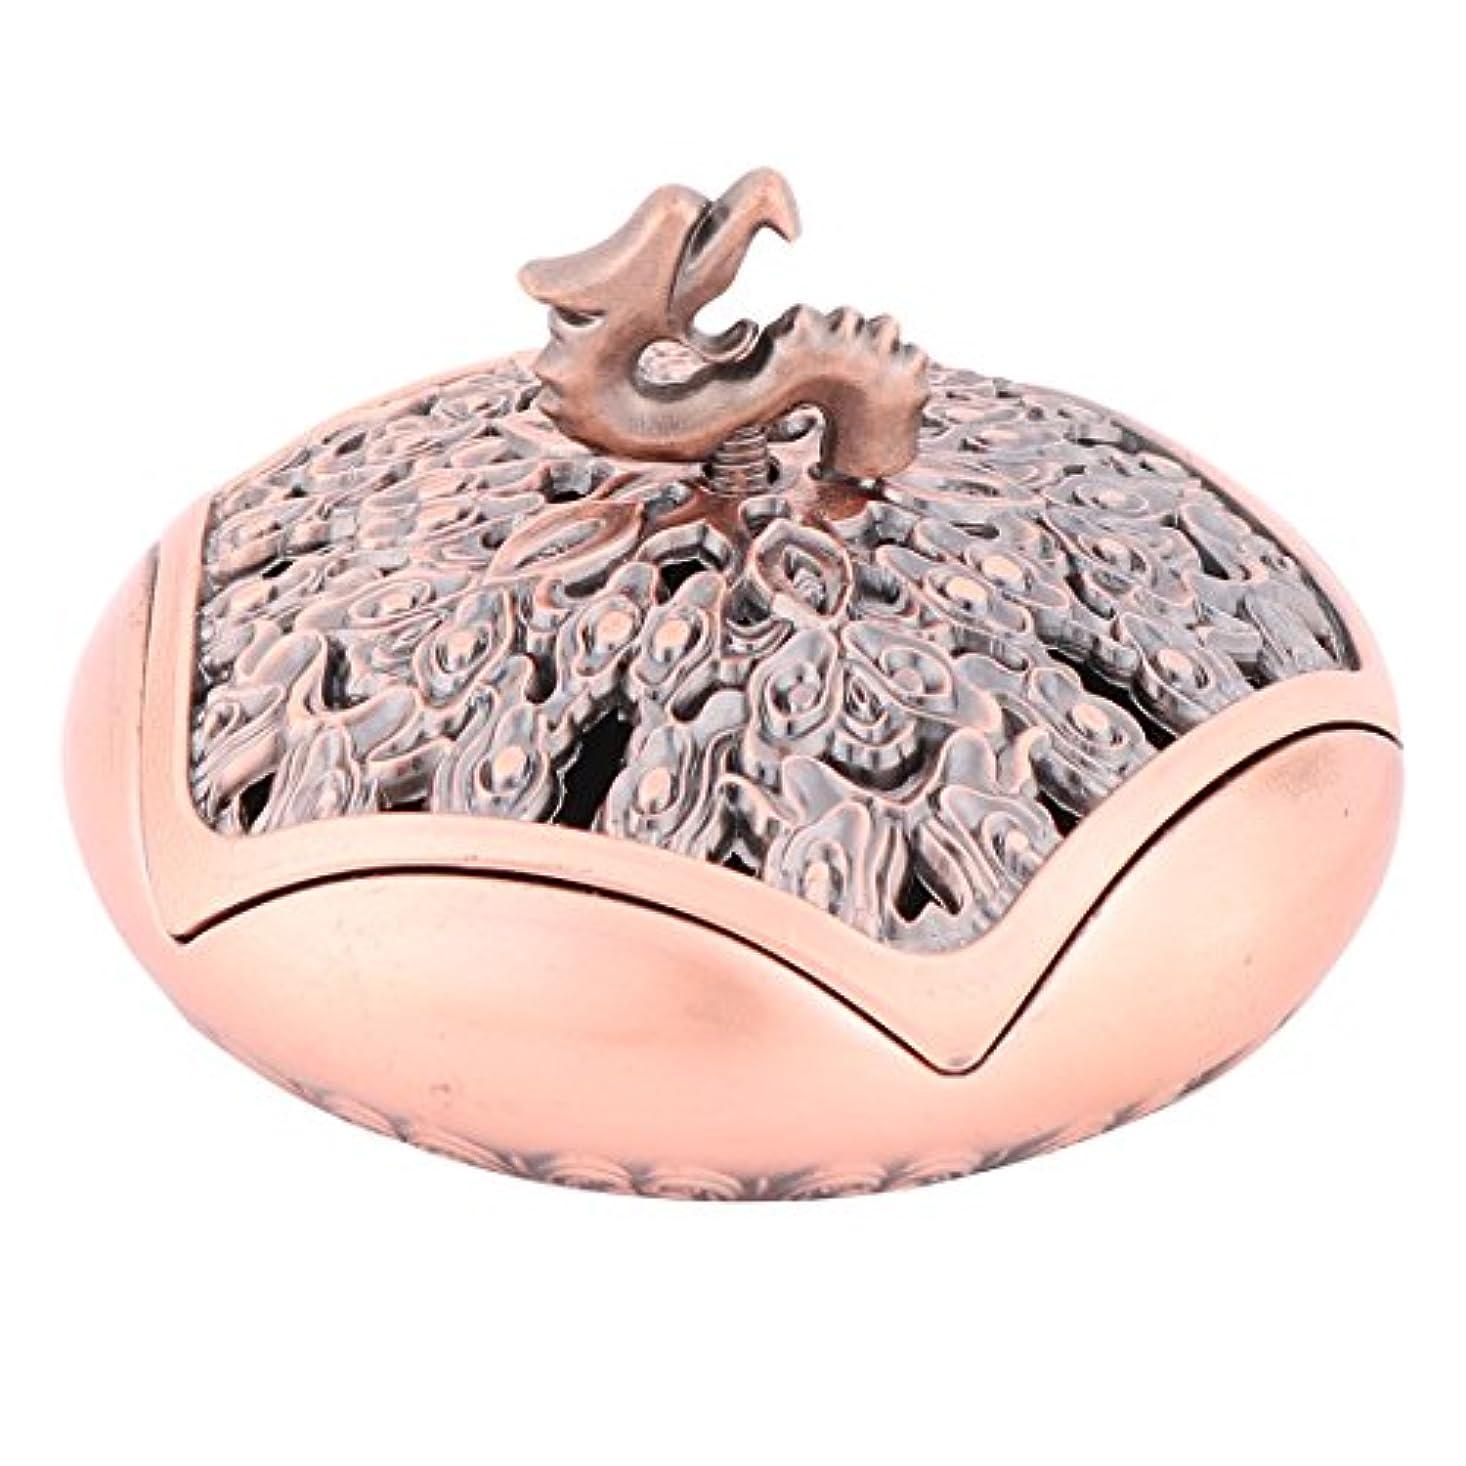 uxcell 線香立て 横置き おしゃれ 香料貯蔵ツール 合金製 香箱アクセサリー 幸運 香箱ホルダーアクセサリー 寝室用 外径9.6cm シャンペン色